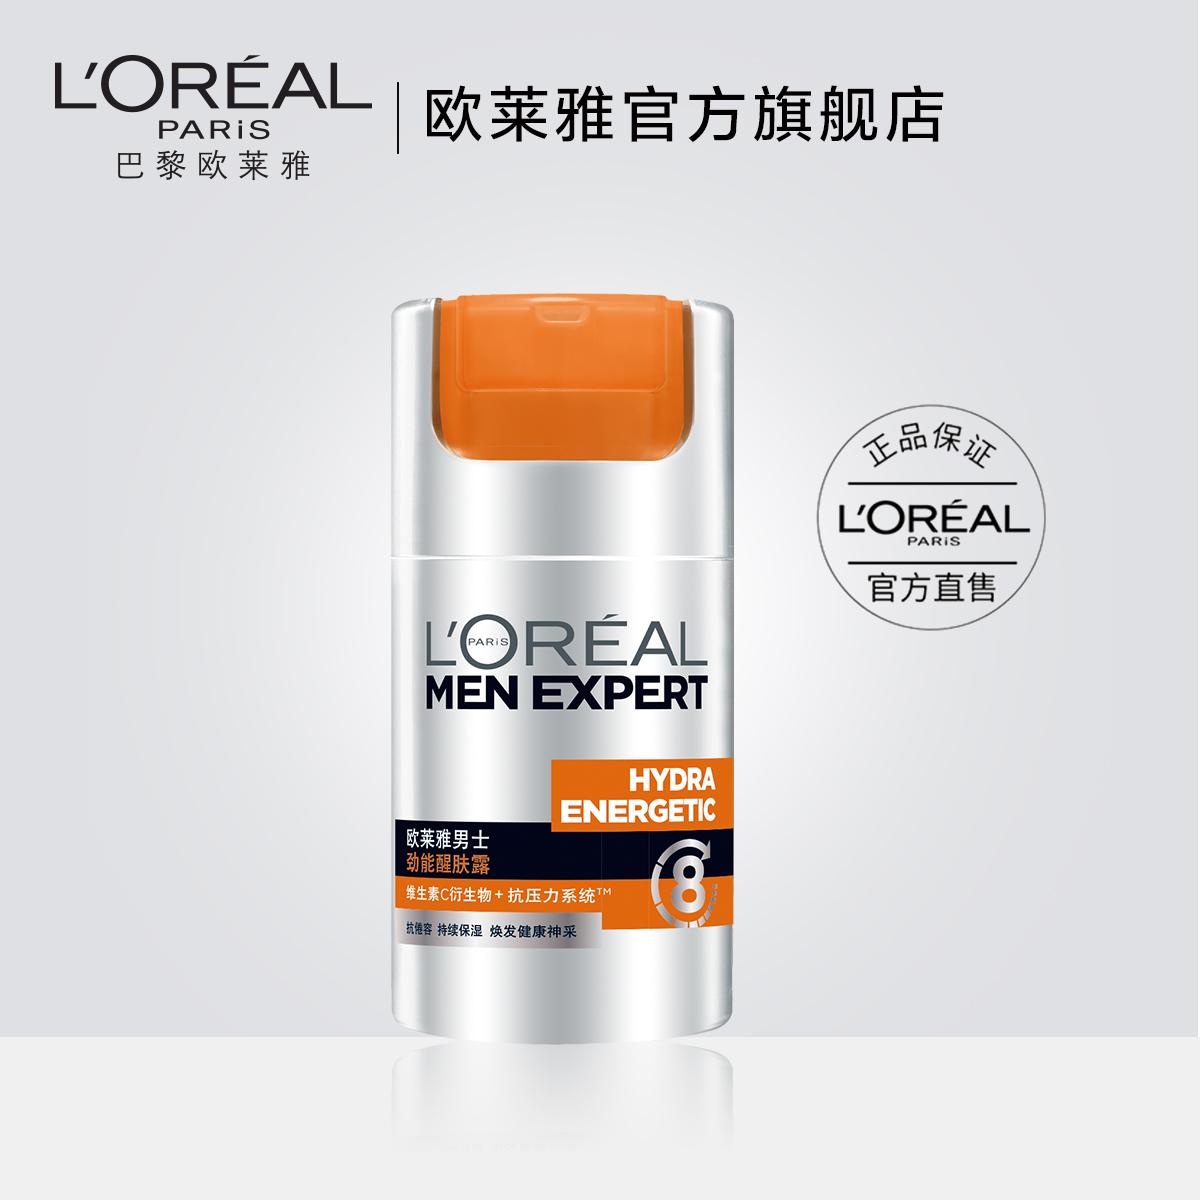 Л'ореаль мужской кожа сила может просыпаться кожа роса 8 вес эффект продолжительный увлажняющий увлажняющий анти кожа утомленный труд кожа мороз